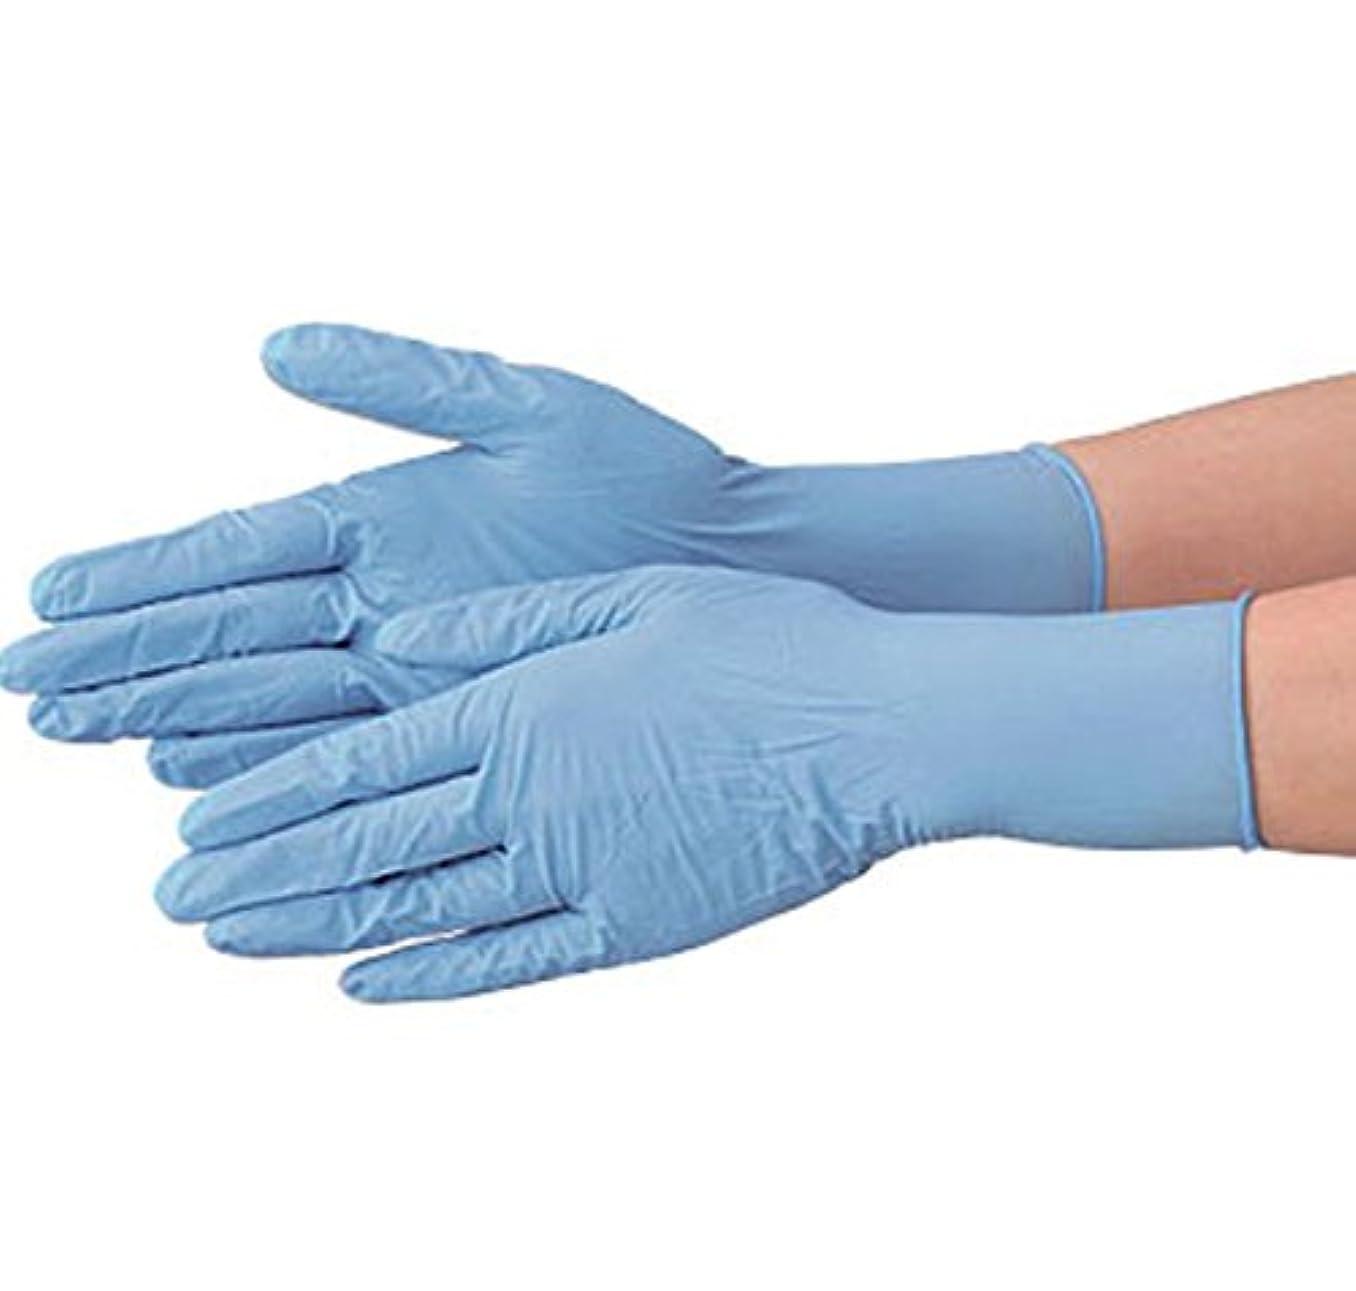 寝具を除くツイン使い捨て 手袋 エブノ 526 ディスポニトリル パウダーフリー ホワイト Mサイズ 2ケース(100枚×40箱)